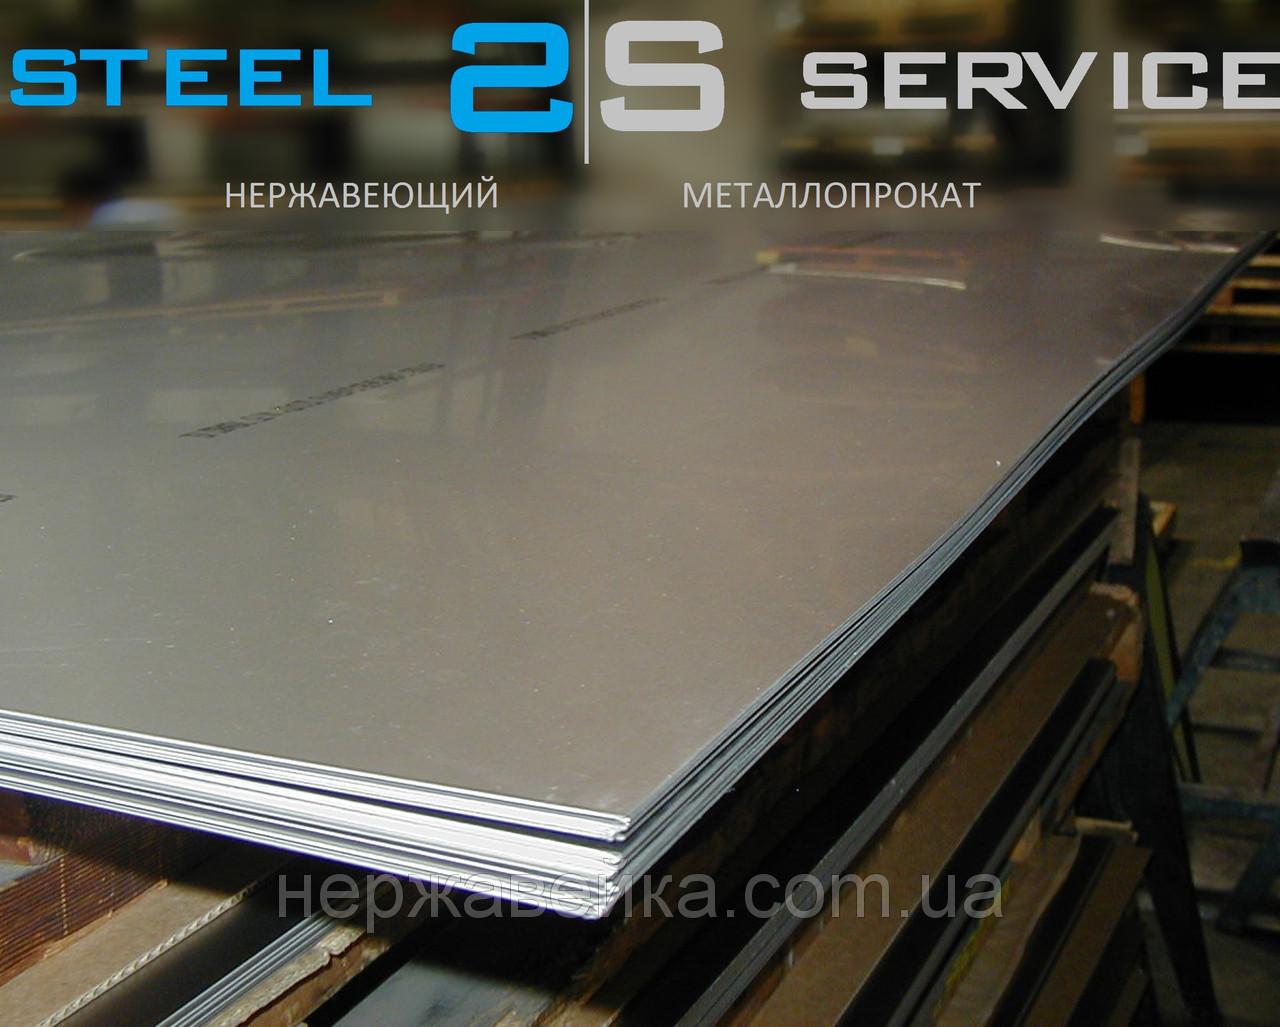 Нержавеющий лист 2х1500х3000мм  AISI 304(08Х18Н10) 4N - шлифованный,  пищевой